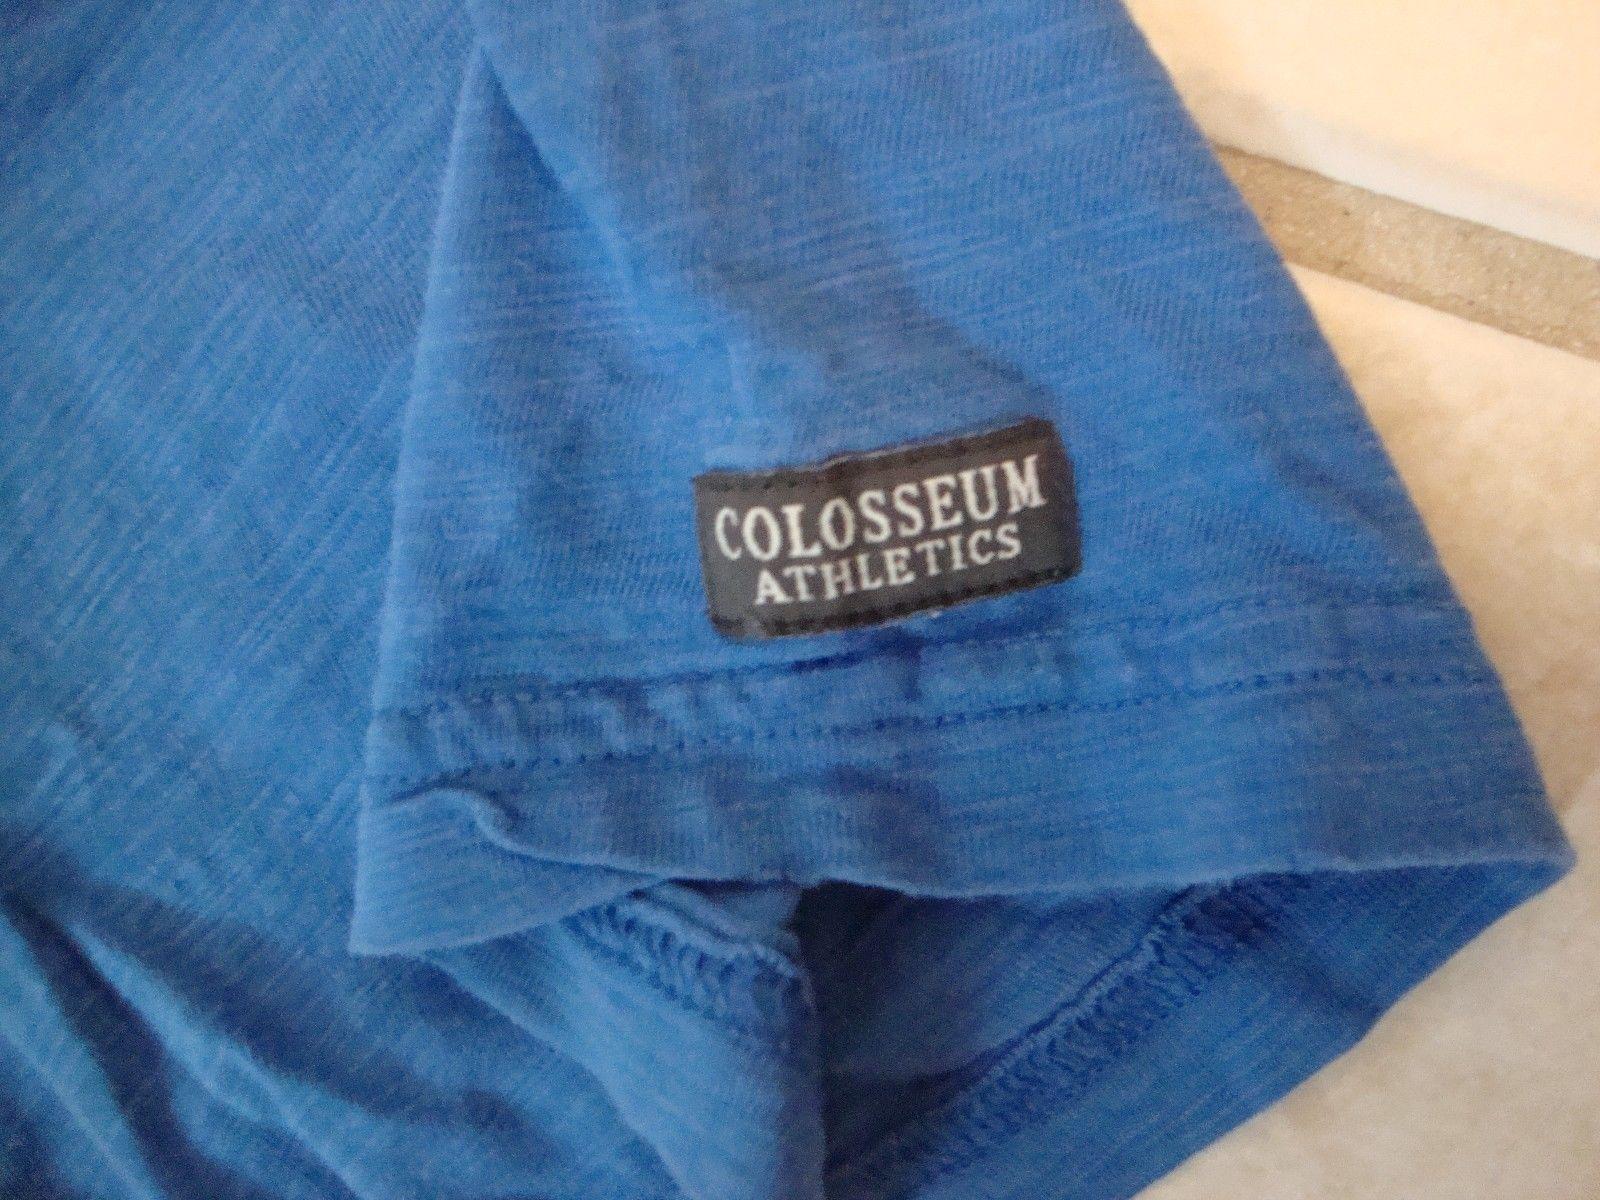 NCAA Florida Gators University Sportswear Fan Apparel Blue T Shirt Size M